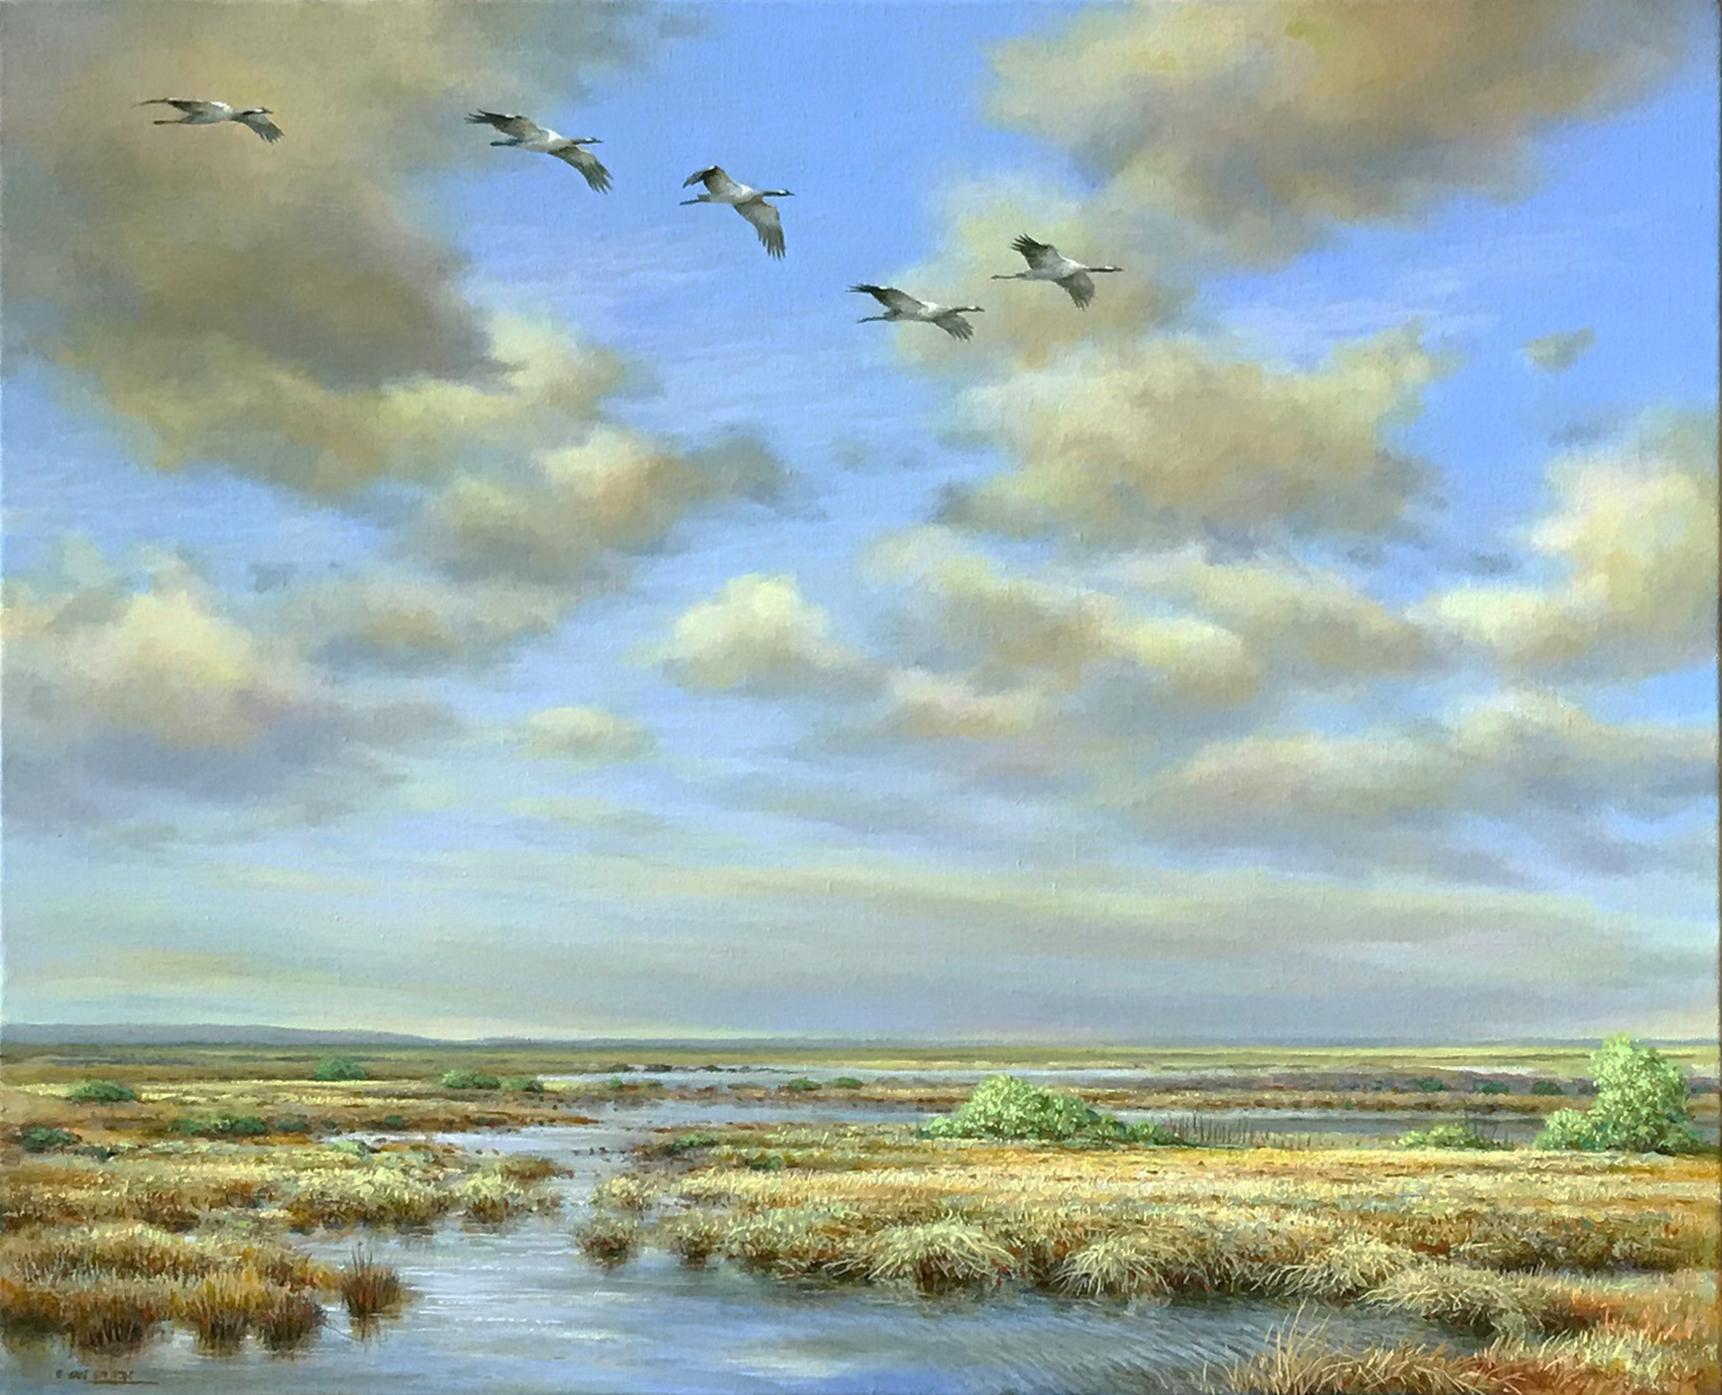 kraanvogels in het veen